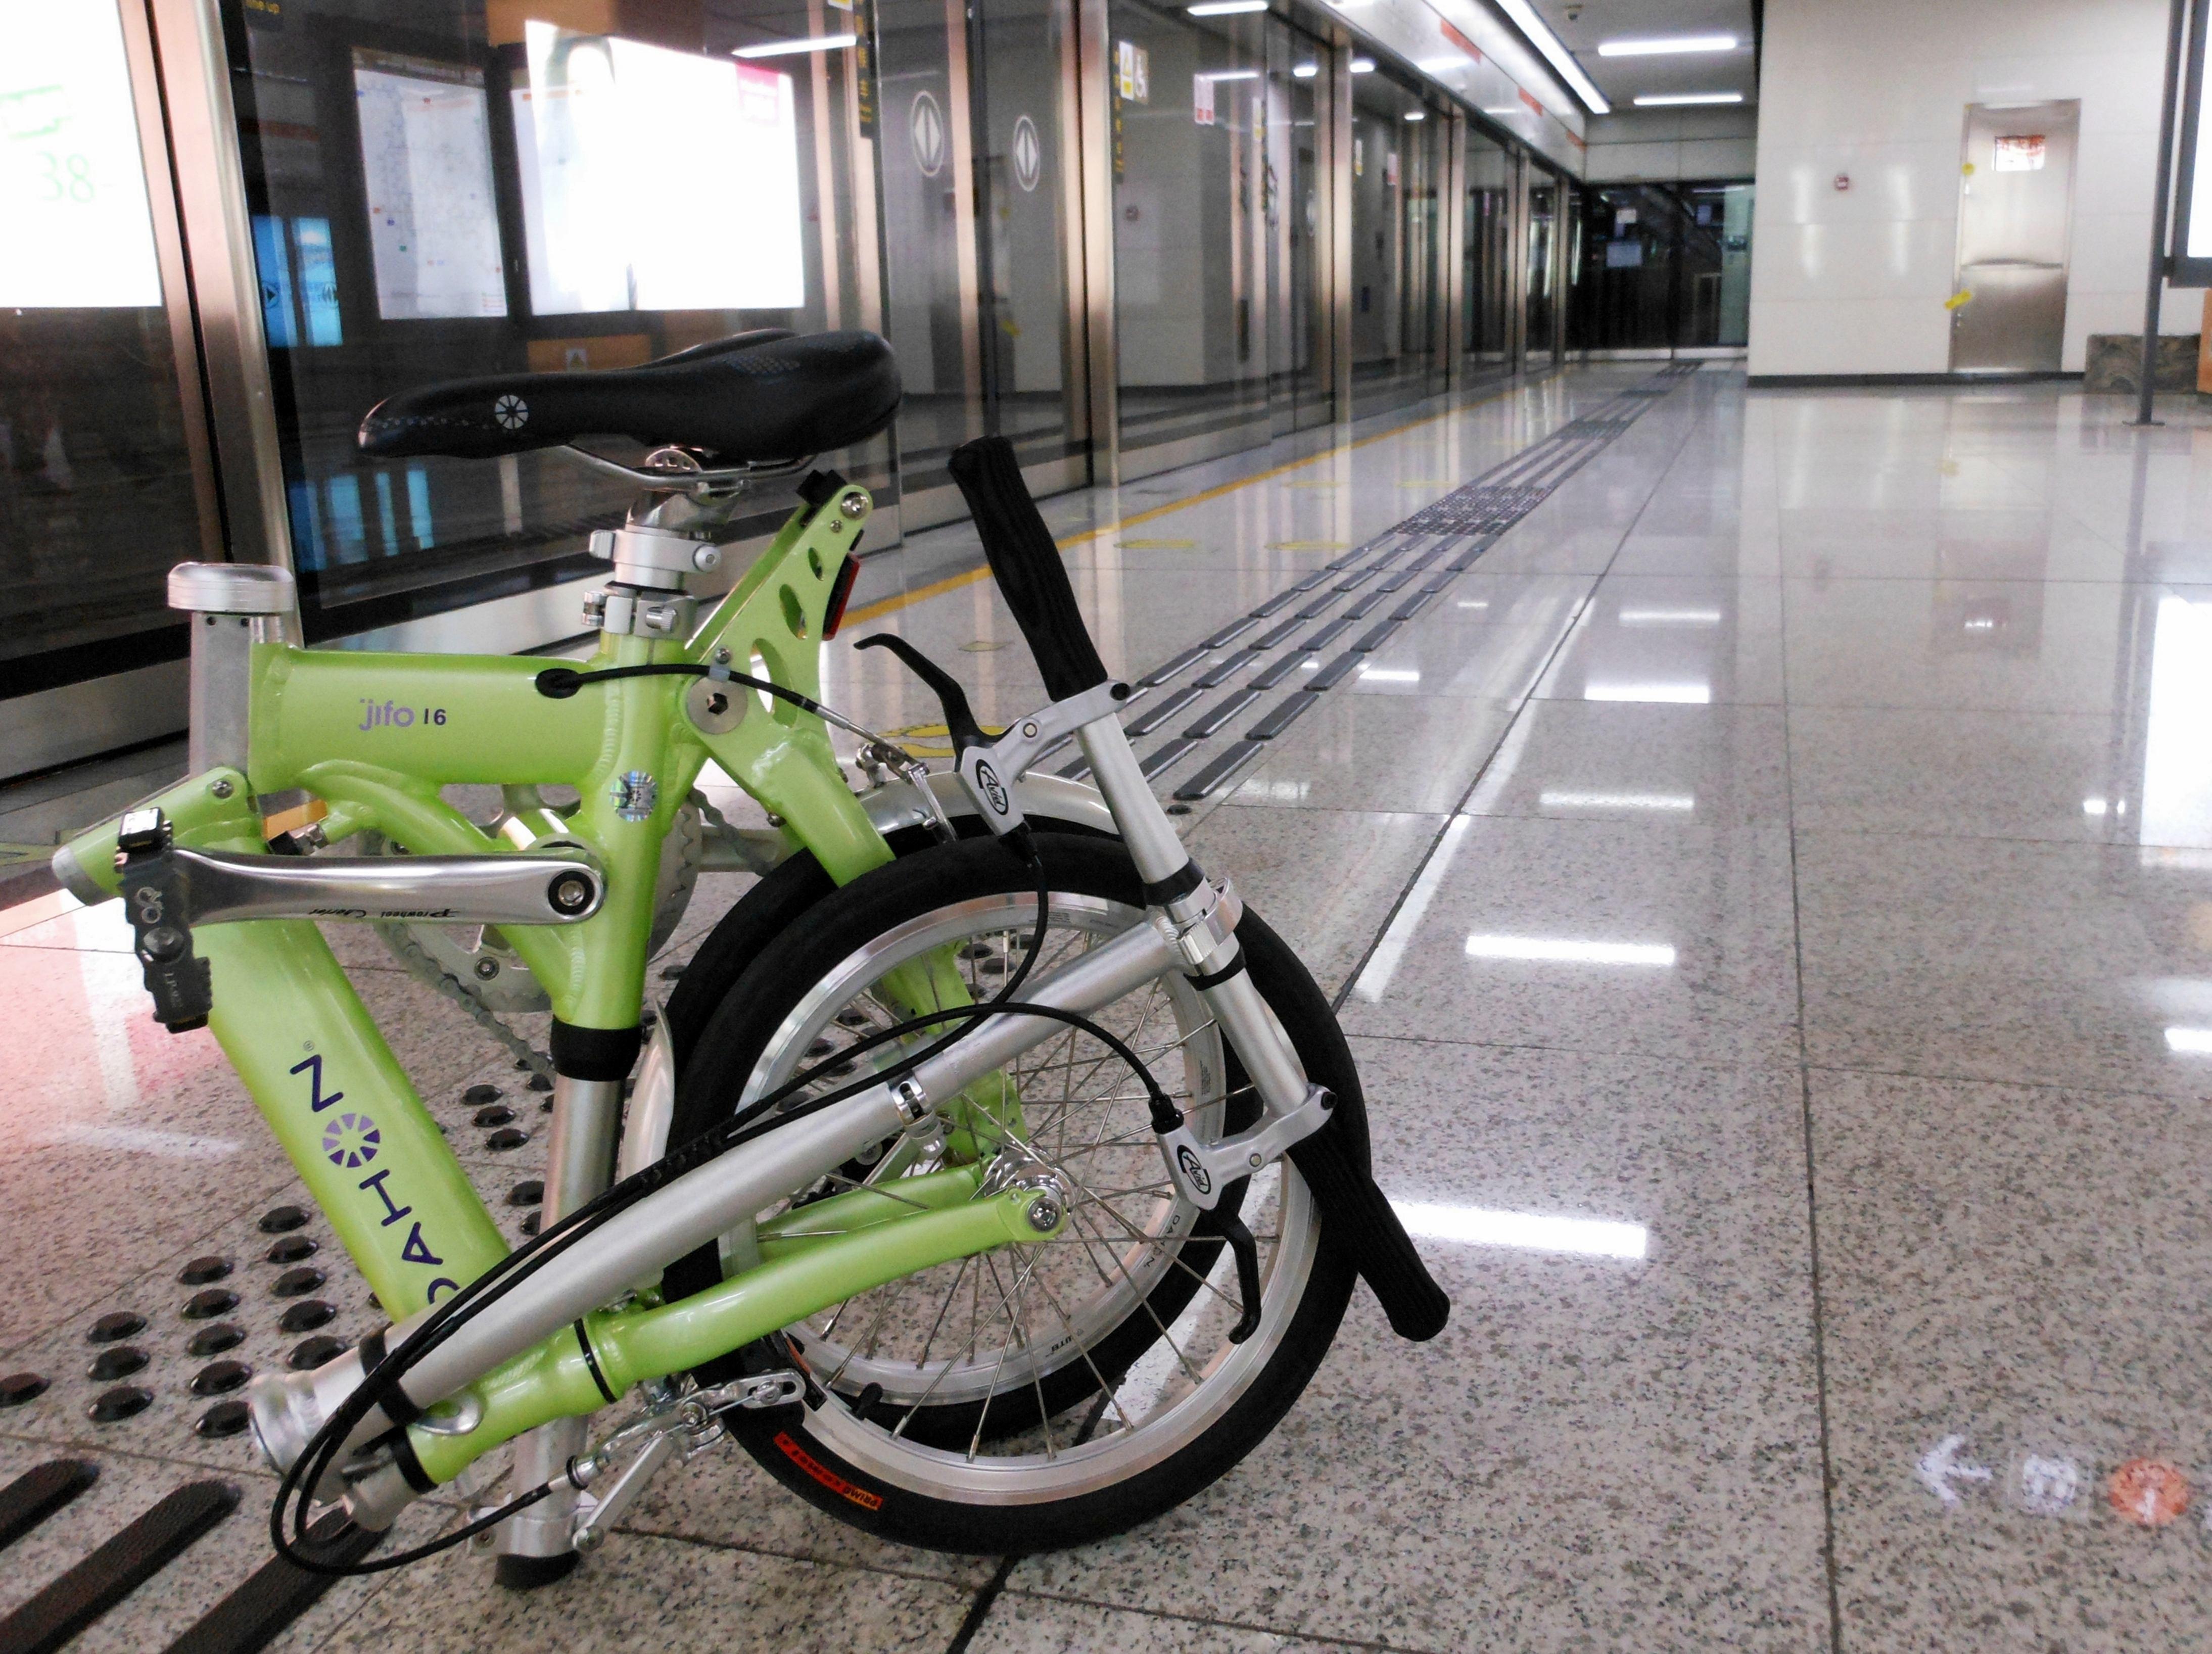 File Dahon Jifo 16 Folding Bike Jpg Wikimedia Commons